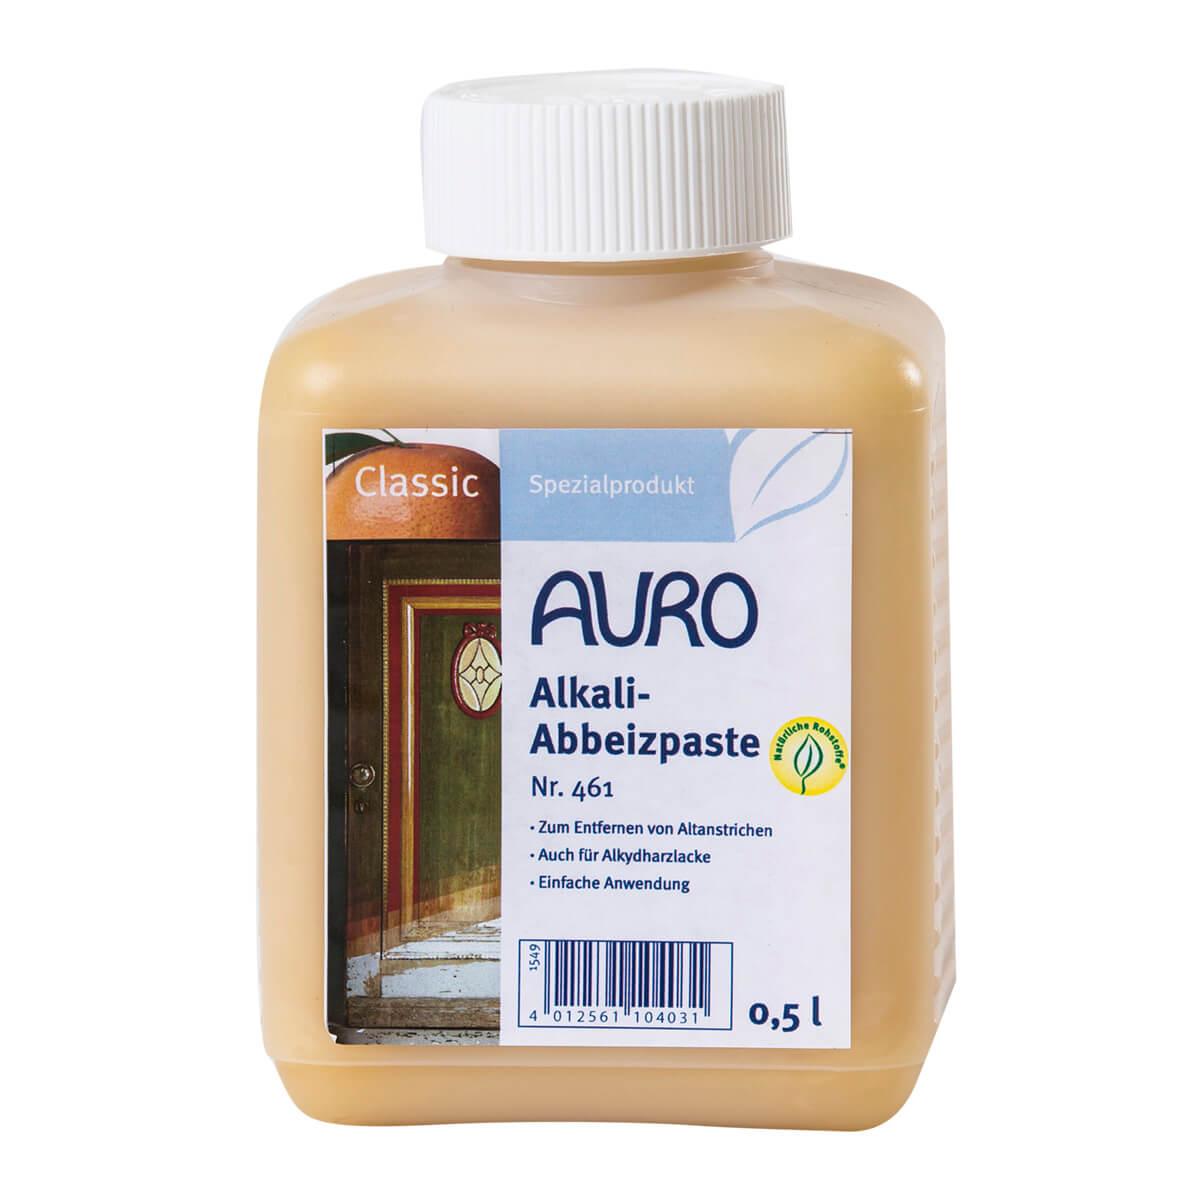 AURO Alkali-Abbeizpaste